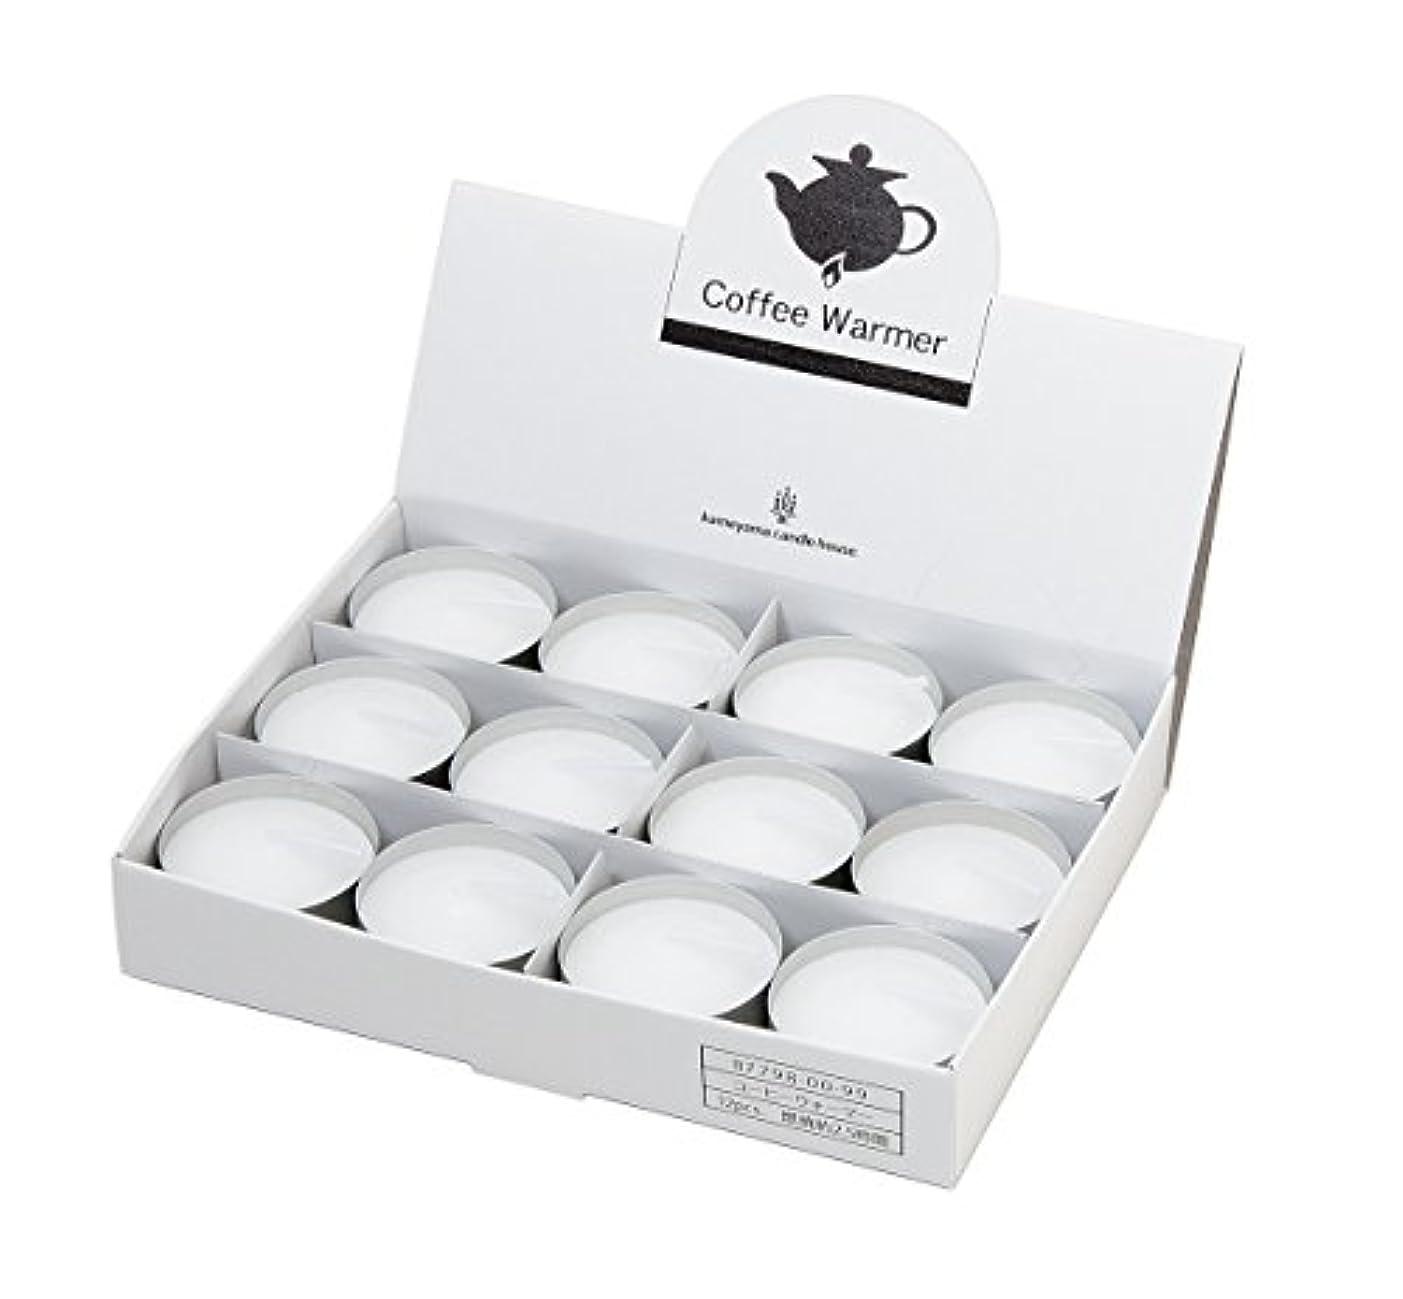 平らにする産地カメヤマキャンドルハウス チョコレートフォンデュなどにもおすすめ 大きめ炎で保温できる コーヒーウォーマーキャンドル(1箱12個入) 燃焼時間約2時間30分